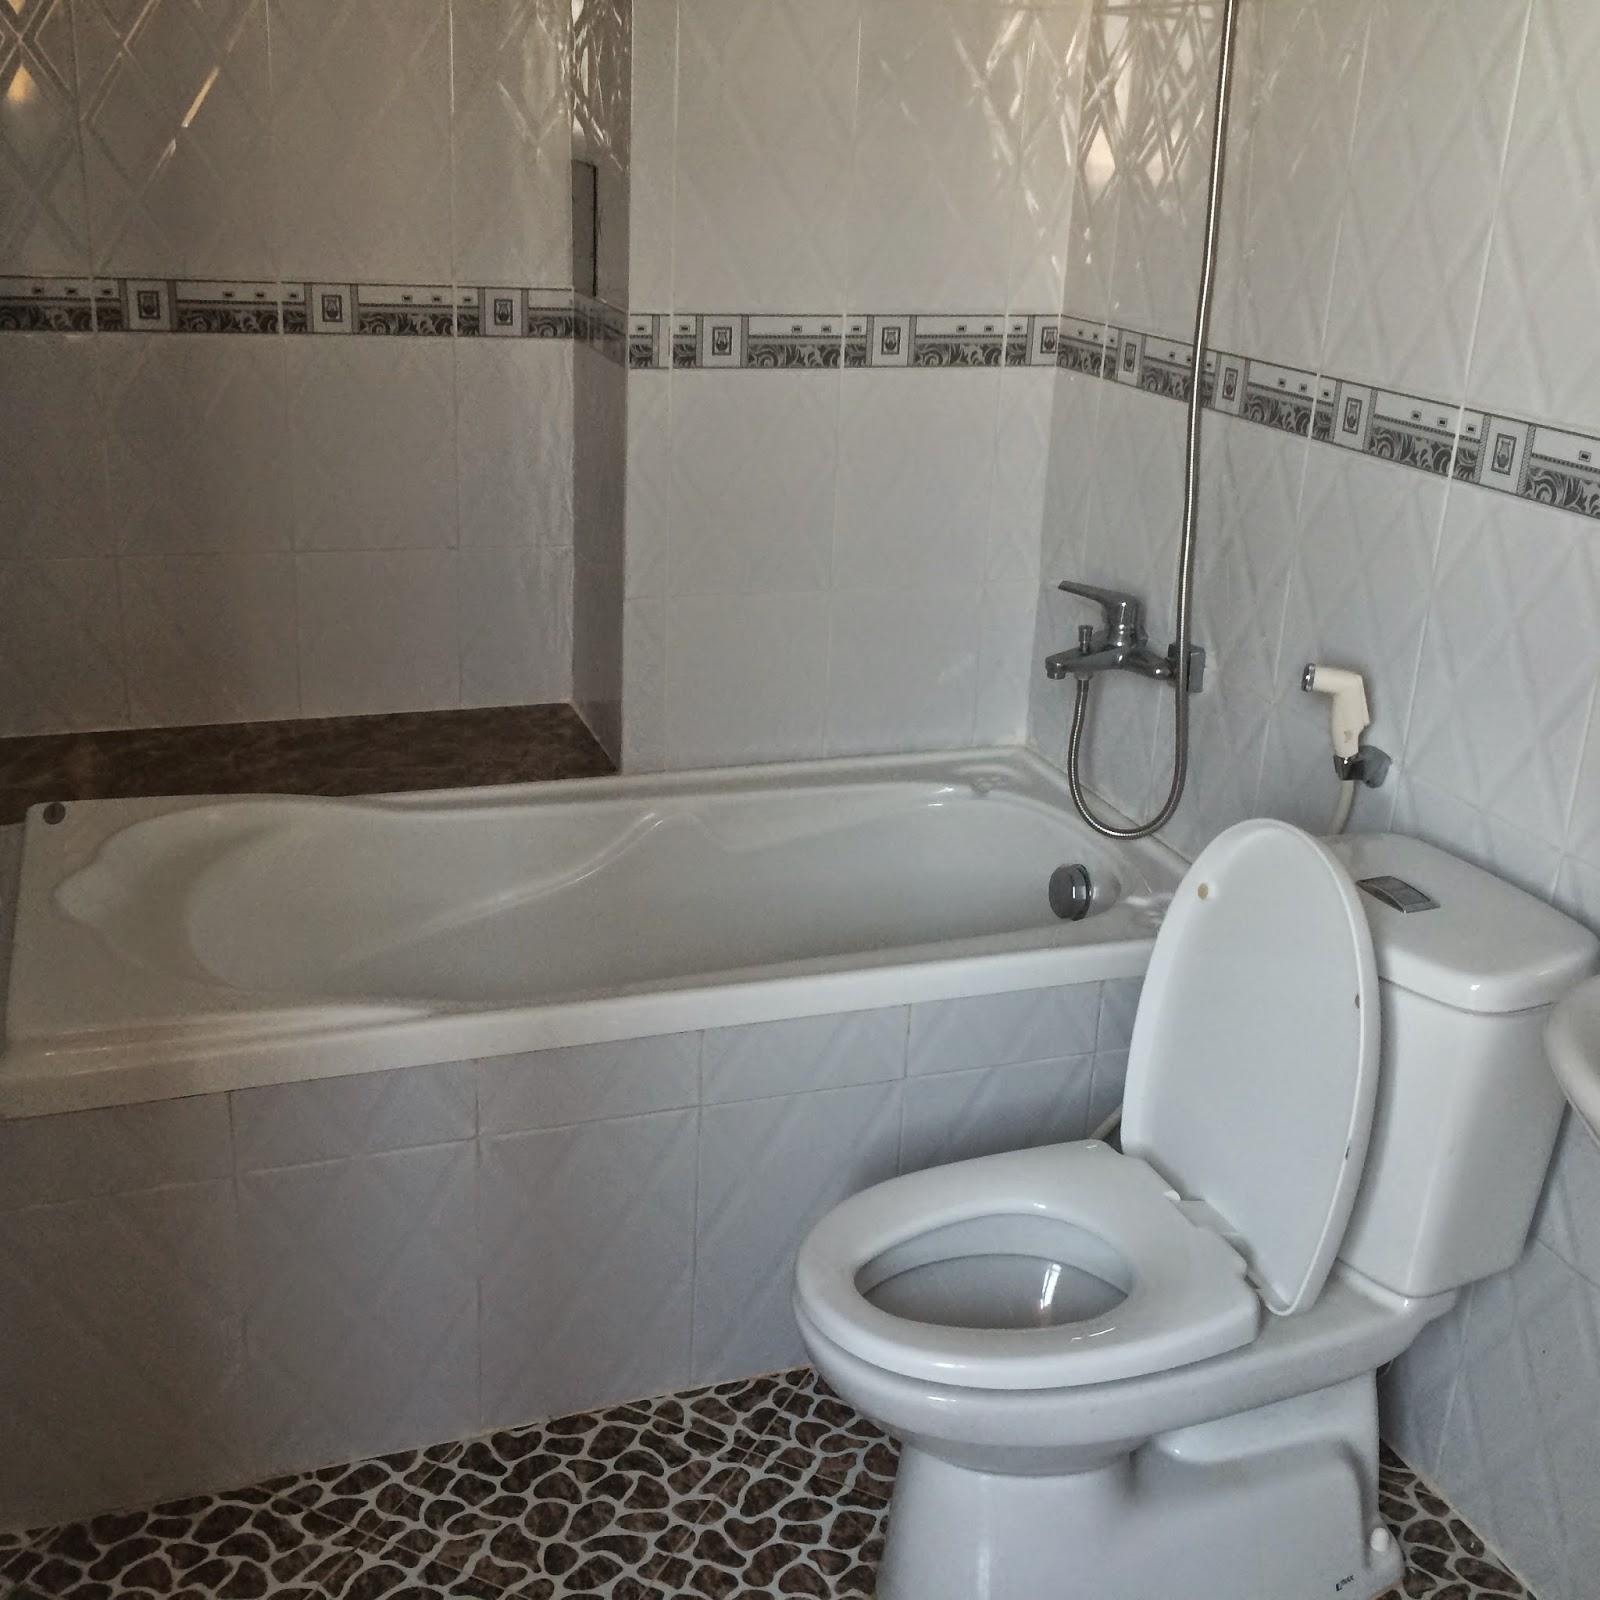 khách sạn mỹ tho có bồn tắm